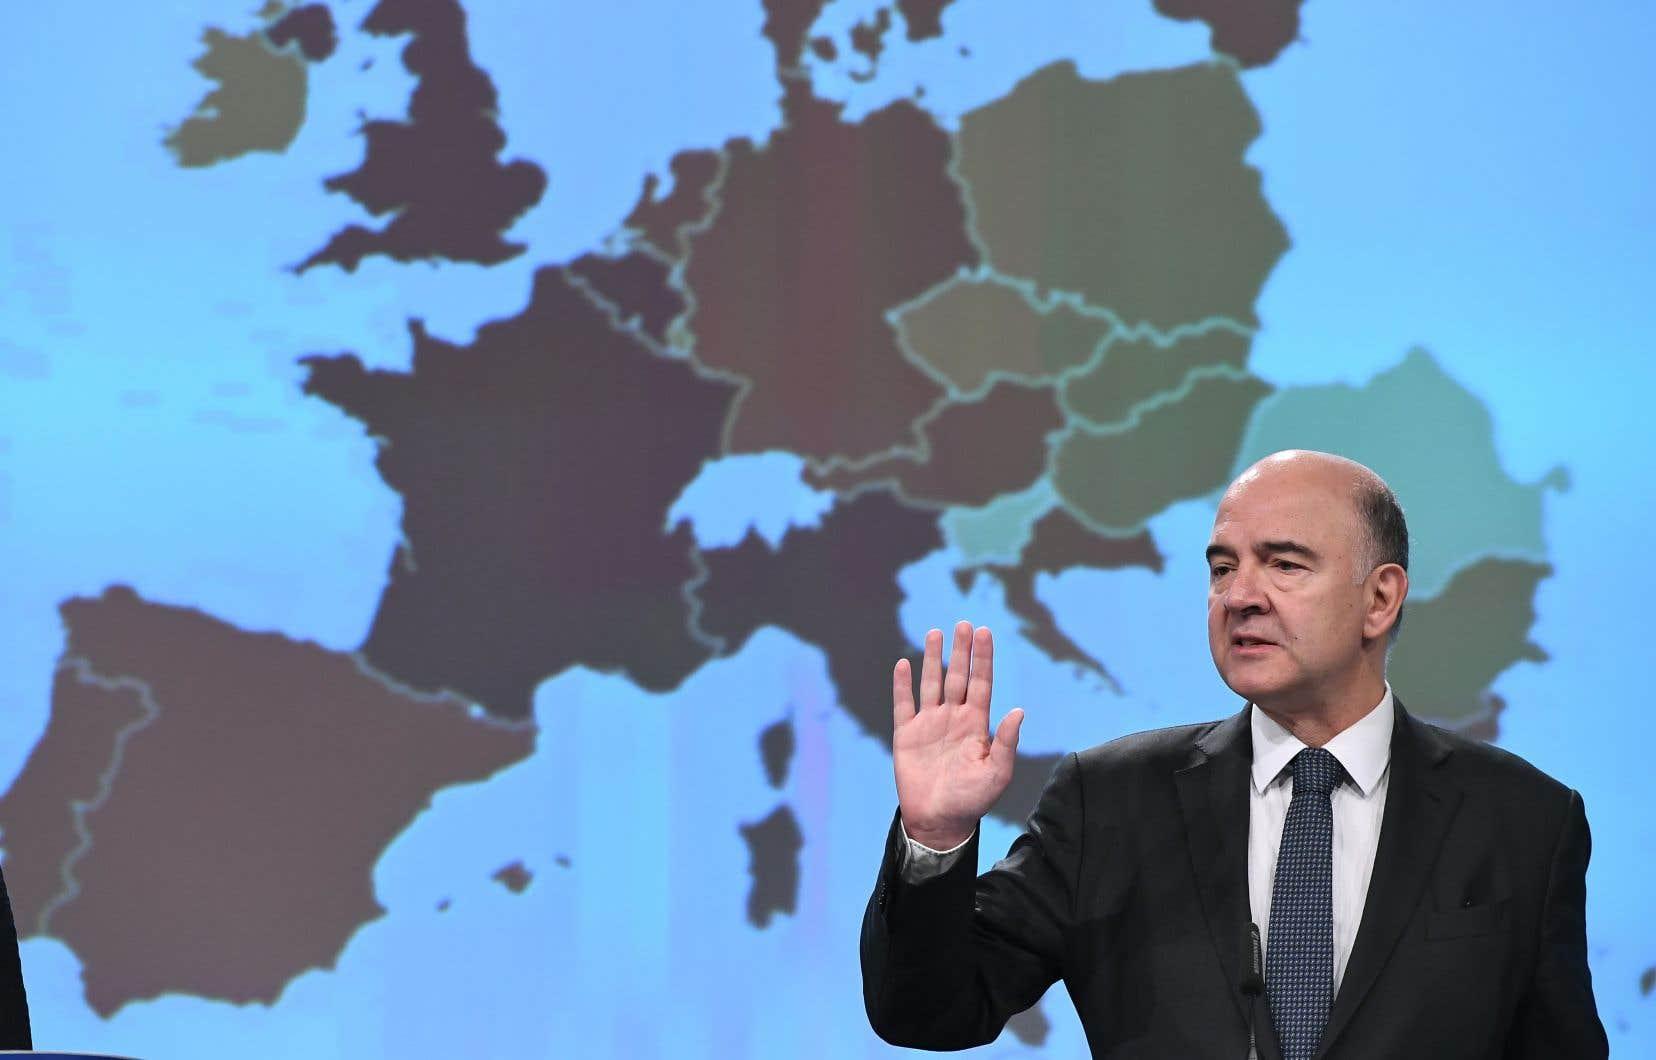 «Nous ne sommes pas face à des incidents isolés, mais à des pratiques systémiques, mondiales, et organisées», a souligné le commissaire européen à la Fiscalité, Pierre Moscovici.